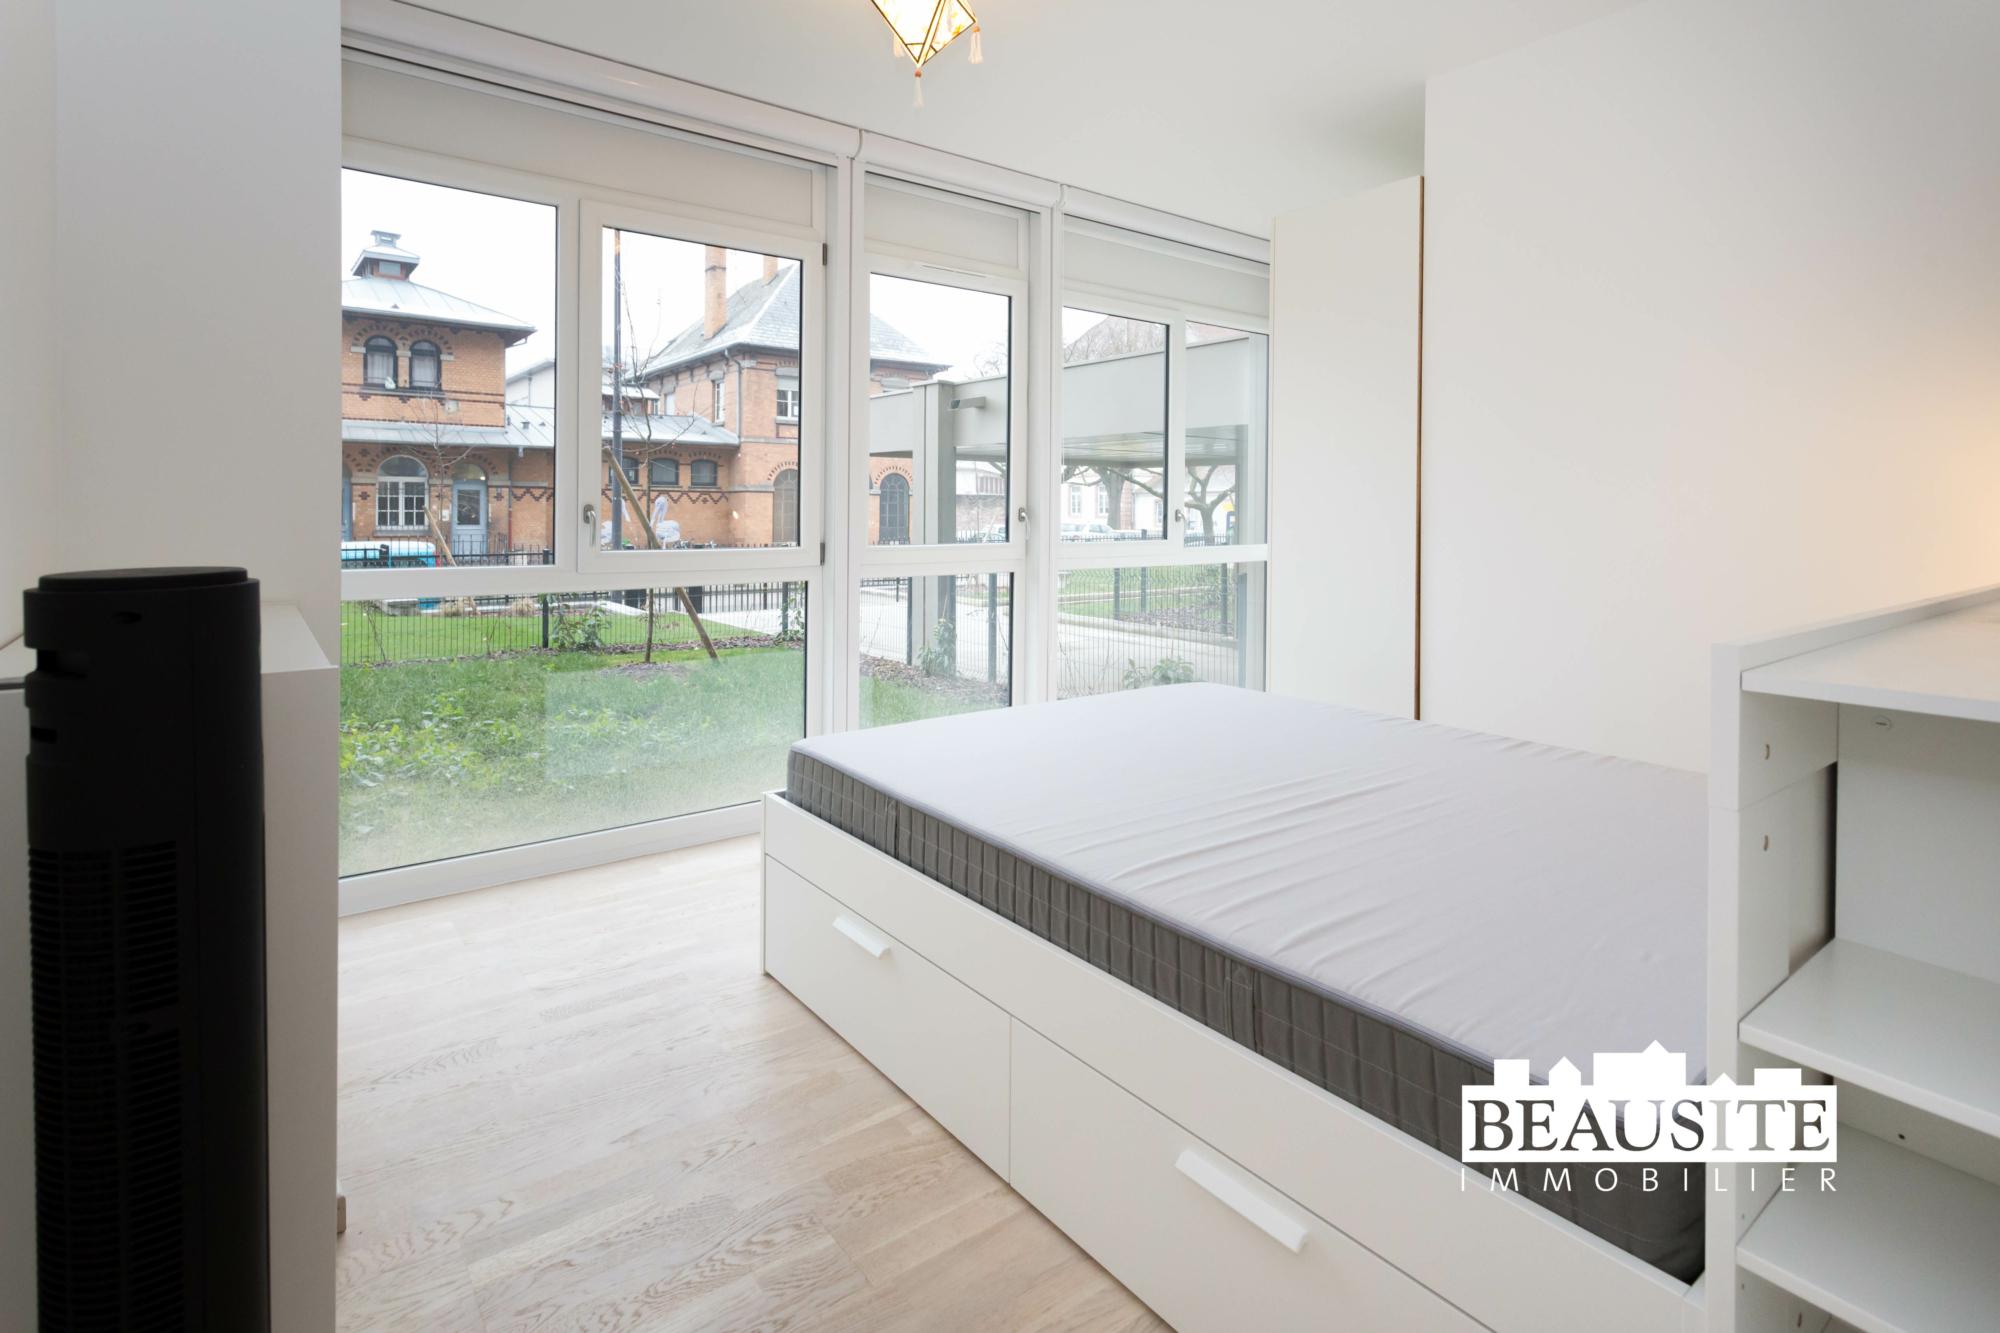 [Green] Appartement avec jardin au coeur de la Krutenau / rue Fritz Kiener - nos ventes - Beausite Immobilier 7